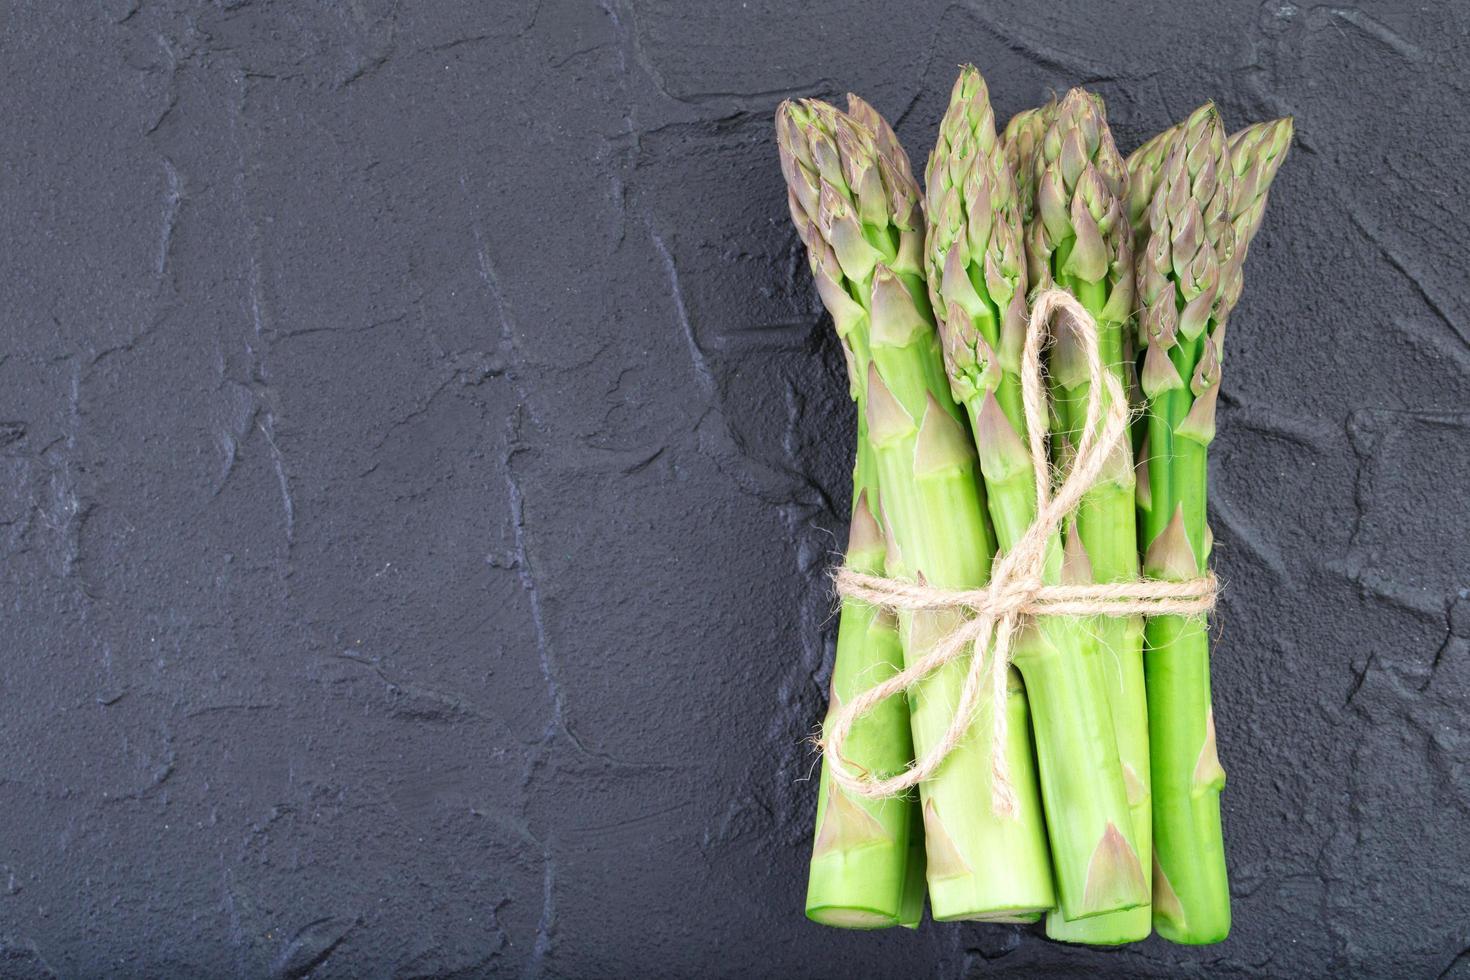 asperges vertes fraîches sur fond sombre photo